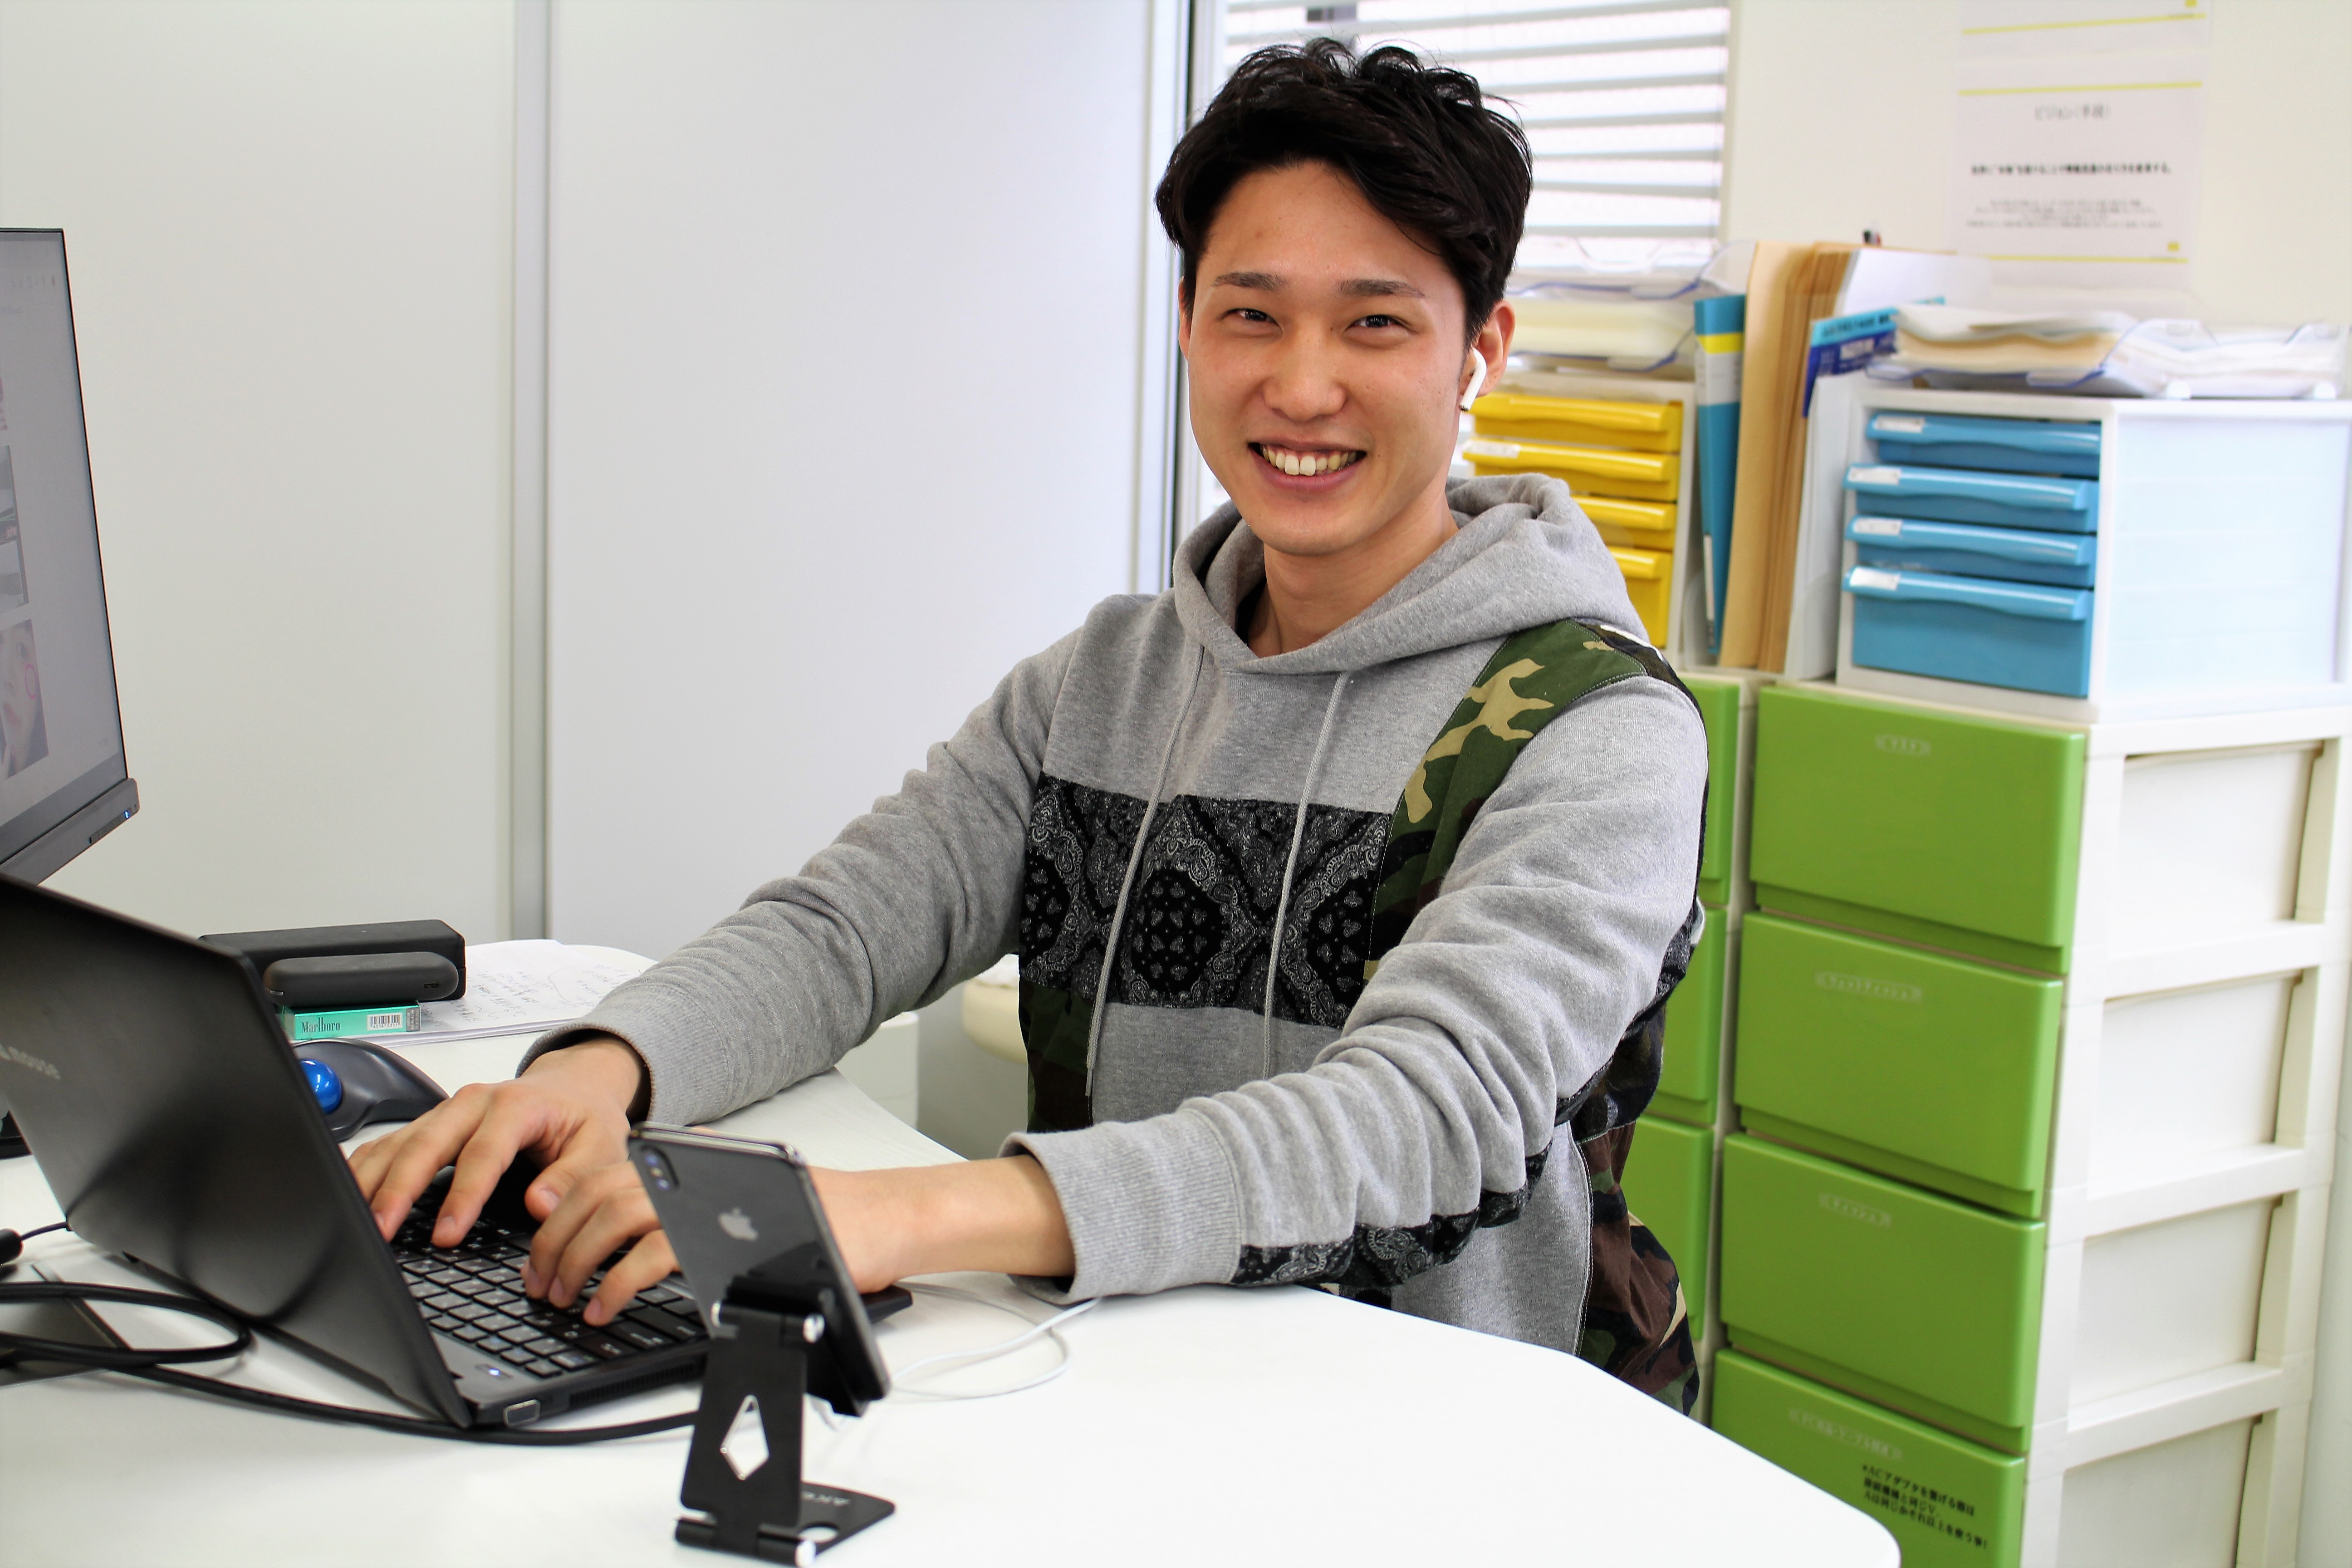 【インタビュー3】28歳/メディア制作事業部